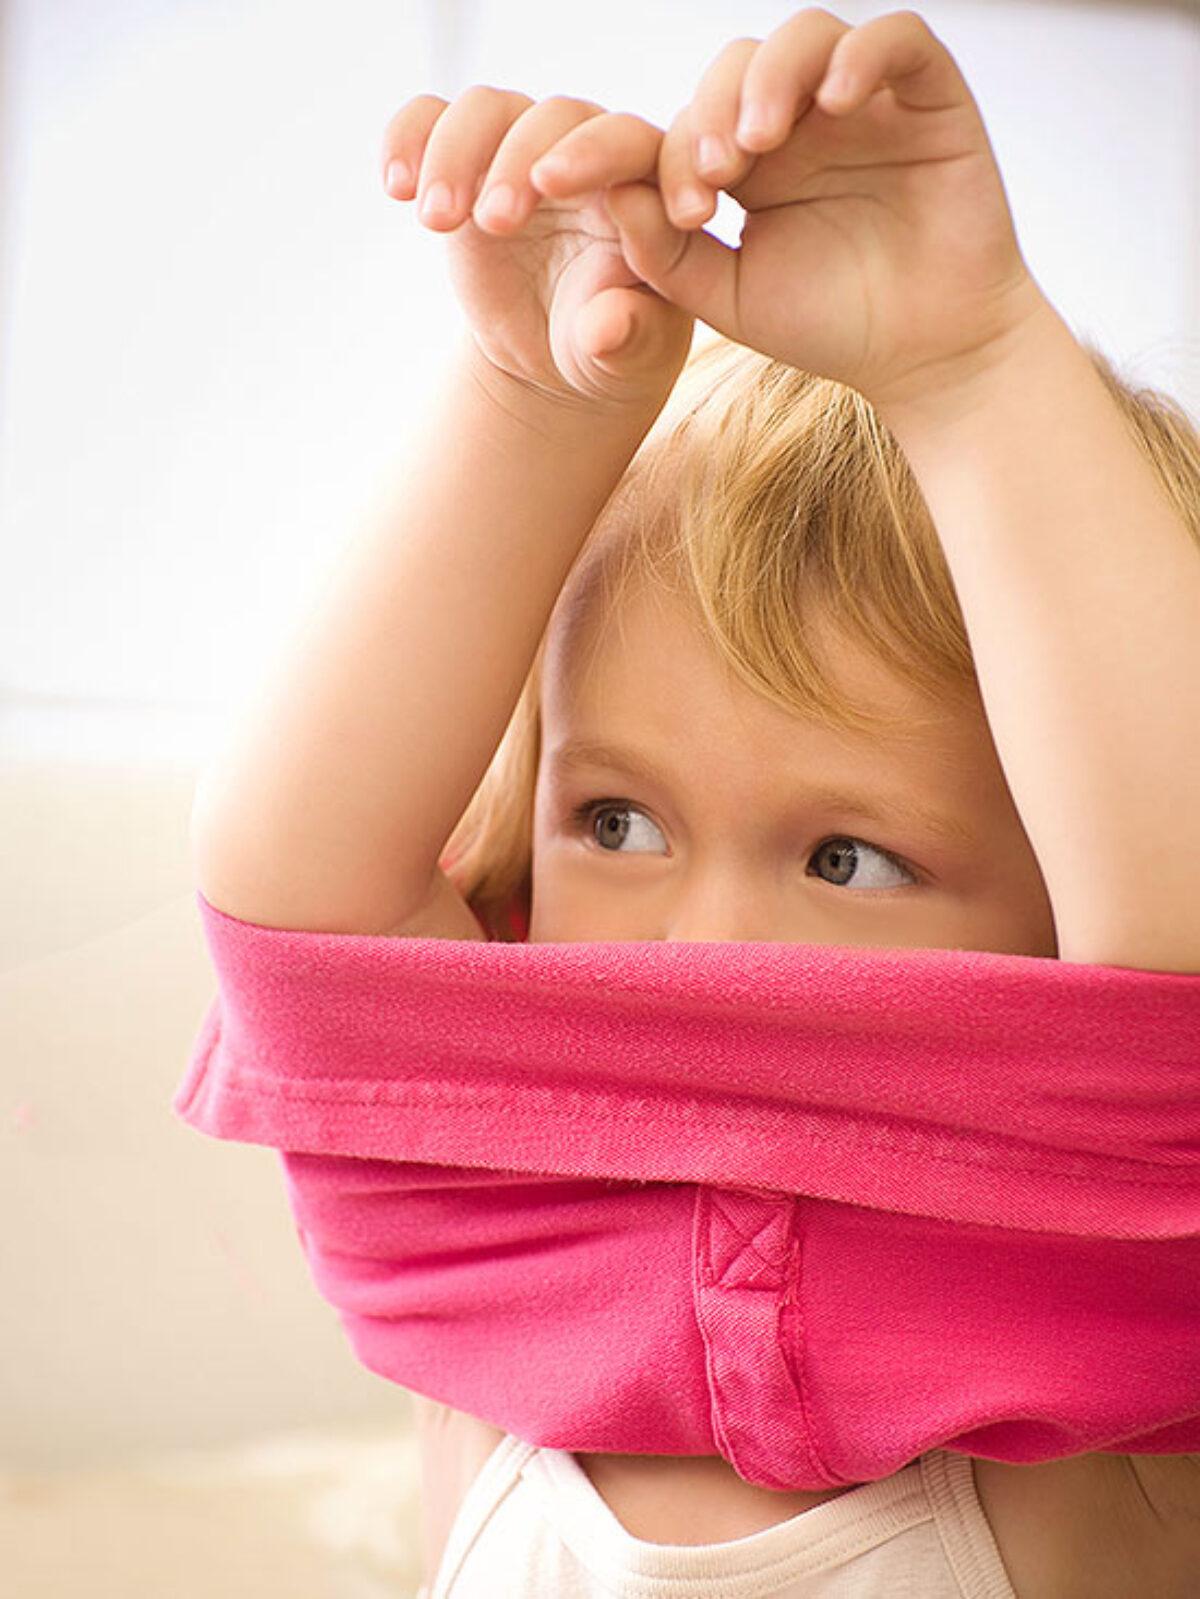 Πώς θα μάθει το παιδί να ντύνεται μόνο του;